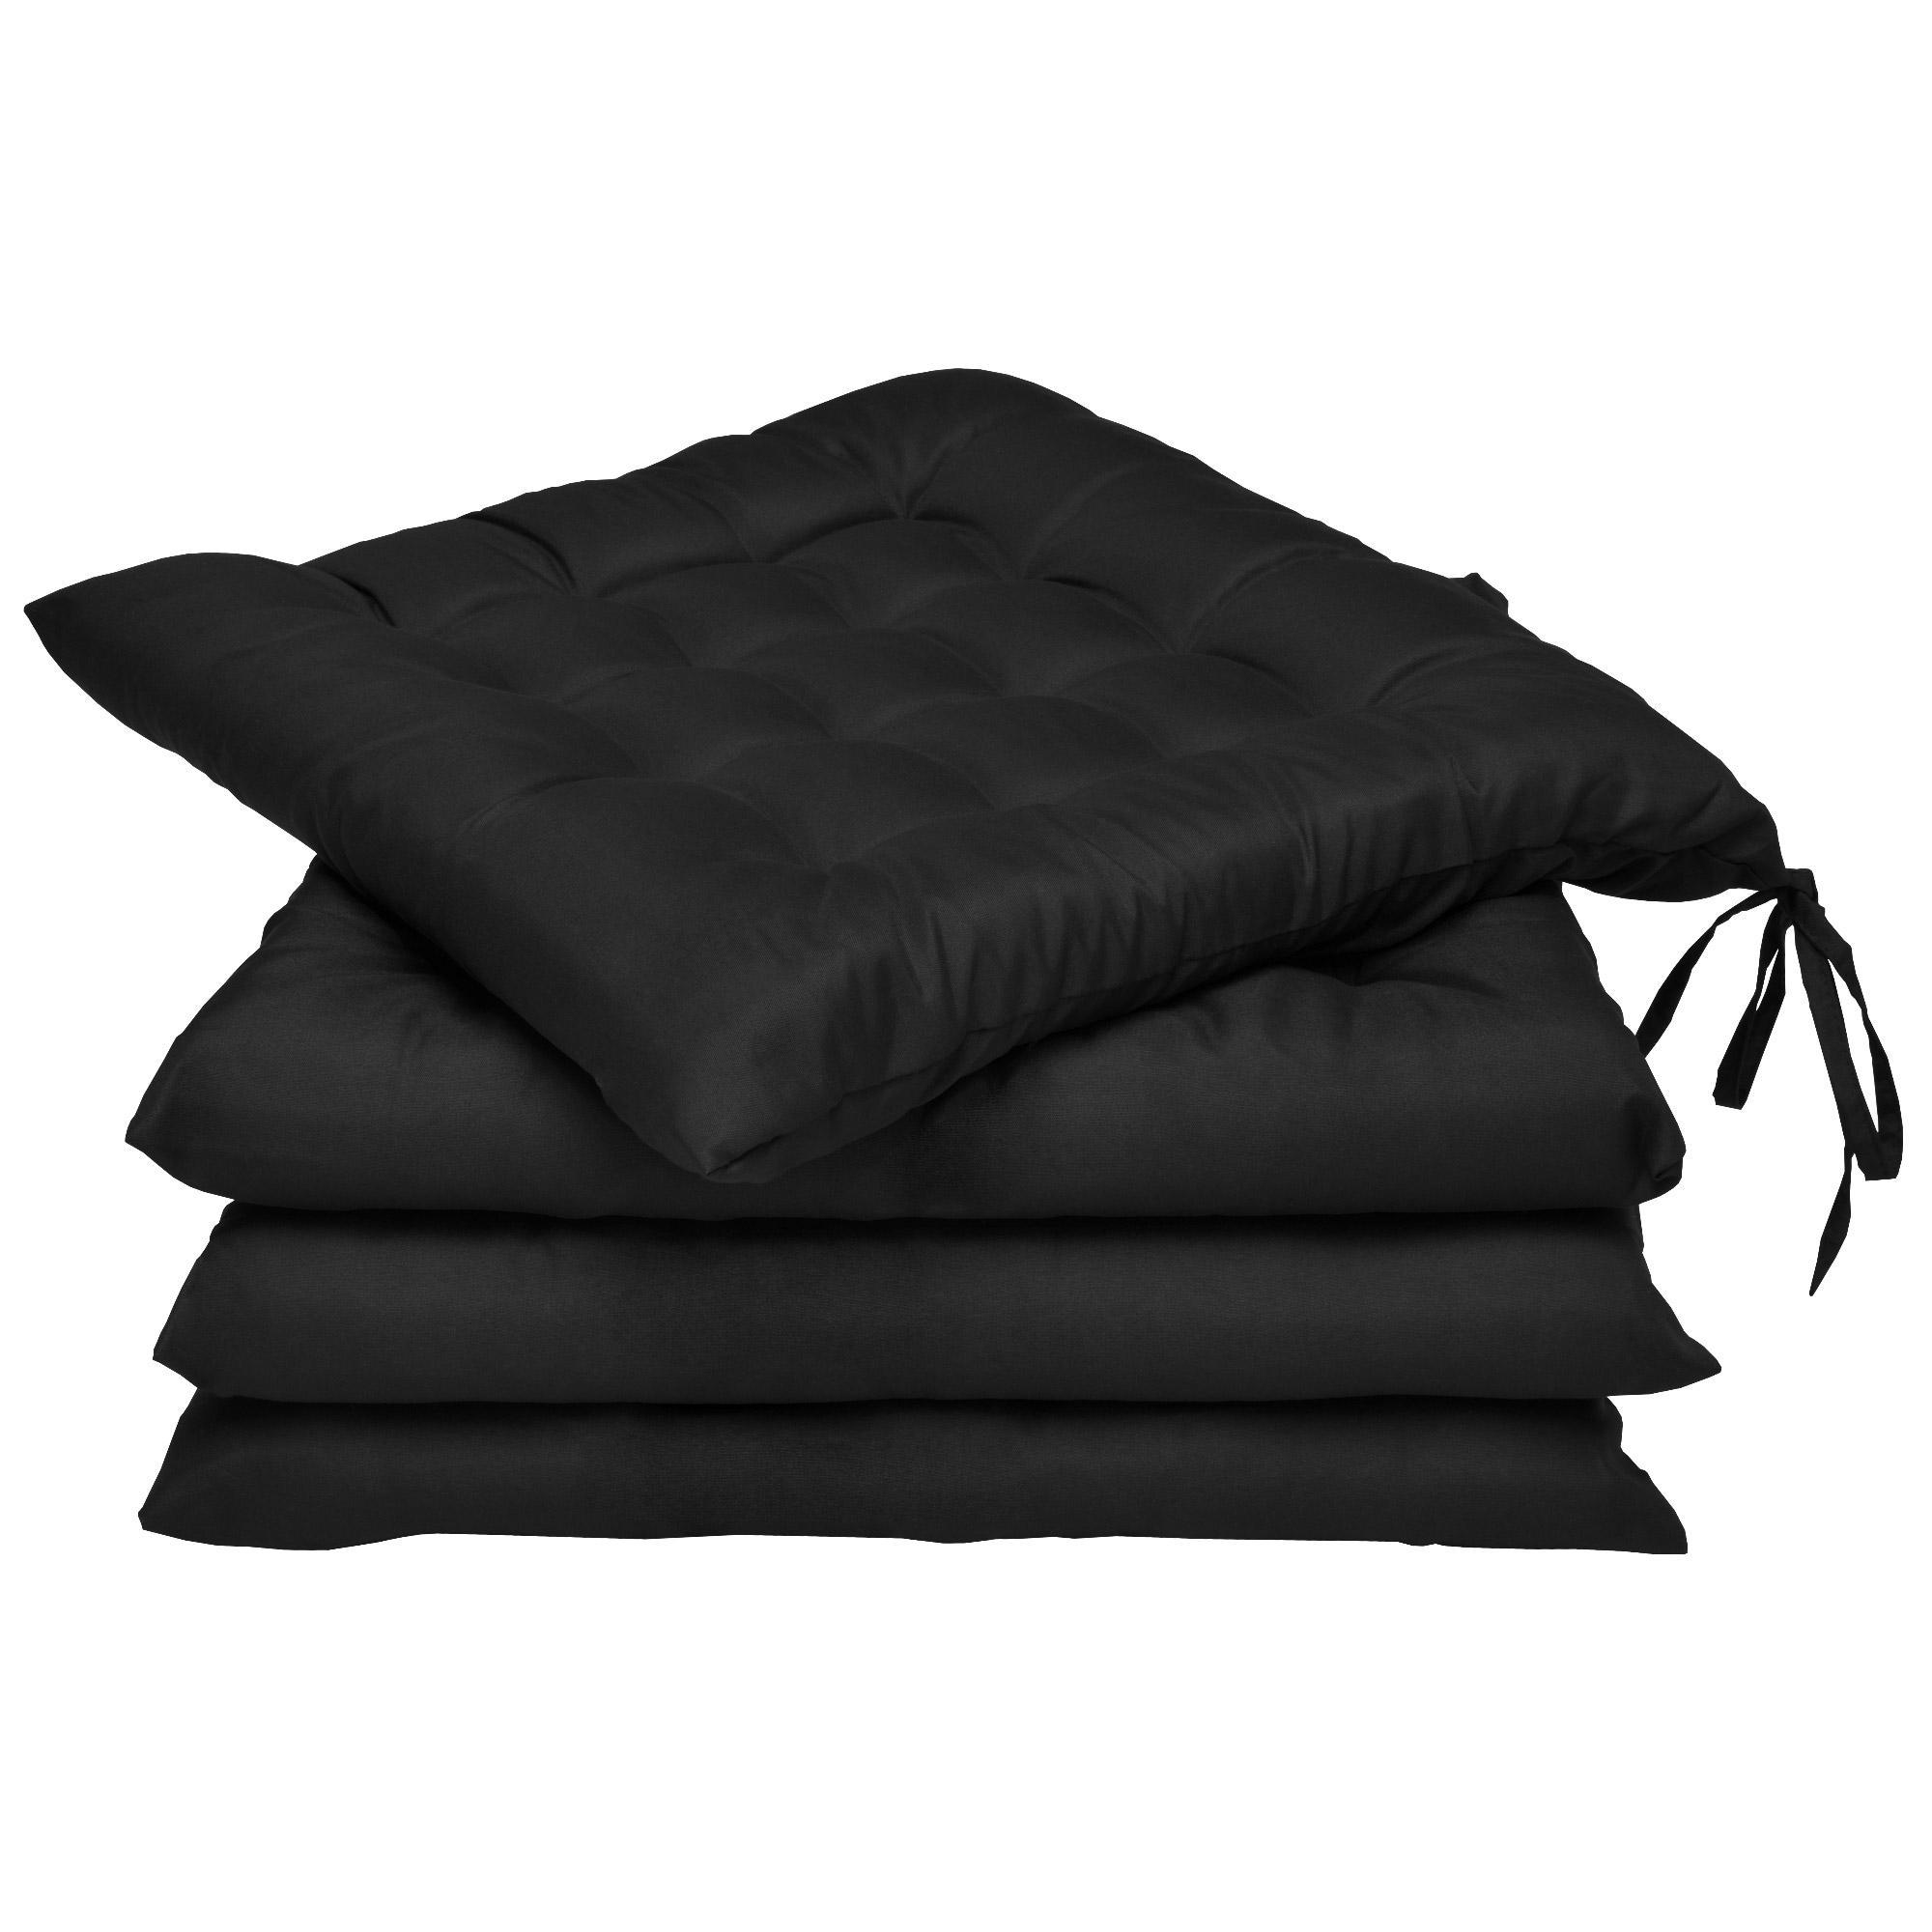 sitzkissen stuhlkissen sets 40x40 cm bodenkissen dekokissen garten kissen ebay. Black Bedroom Furniture Sets. Home Design Ideas